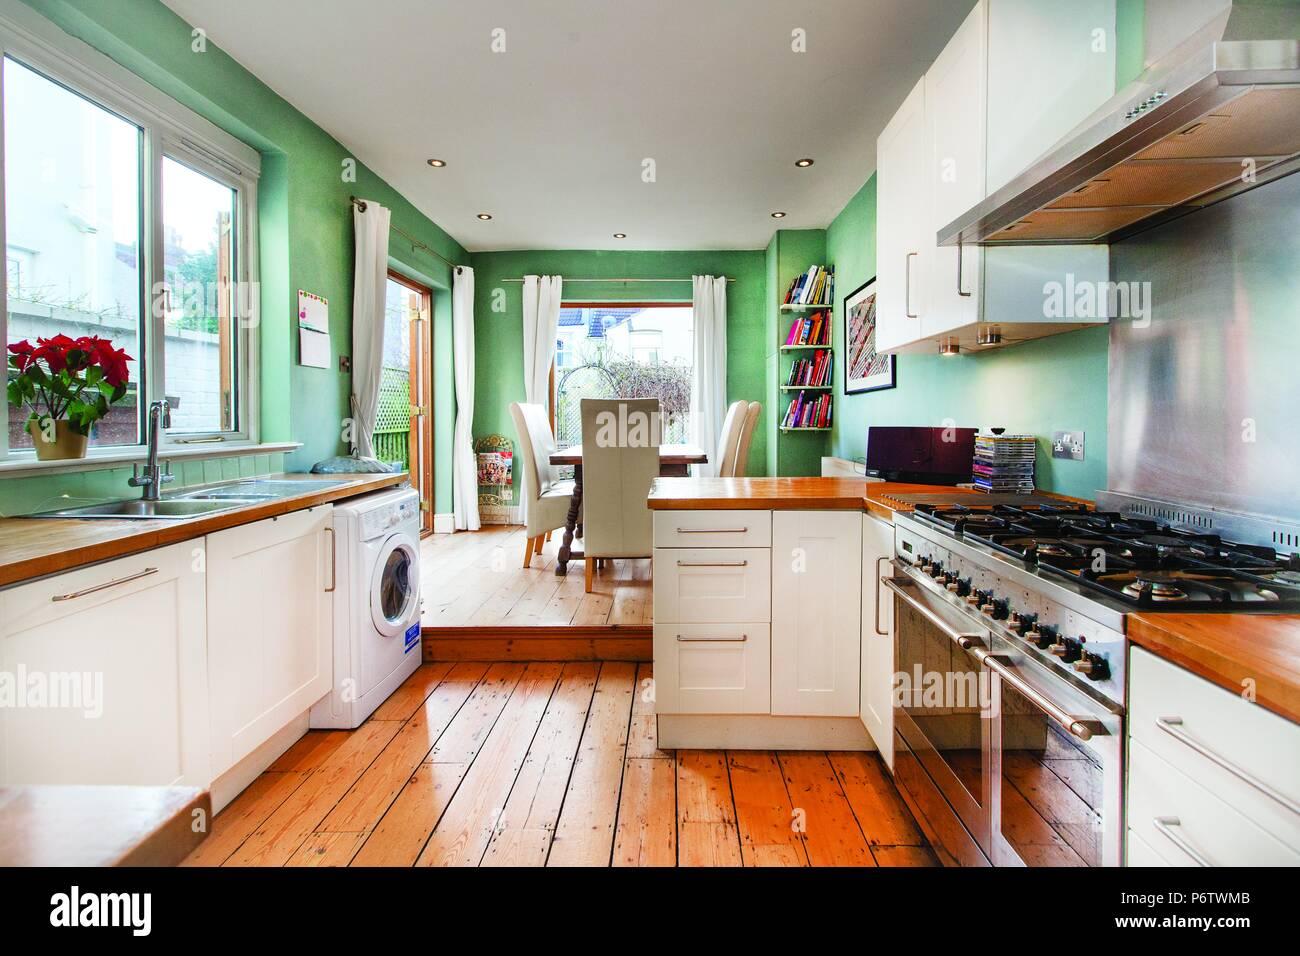 k che auf englisch wasserfilter kuche wasseraufbereitung leitungswasser. Black Bedroom Furniture Sets. Home Design Ideas